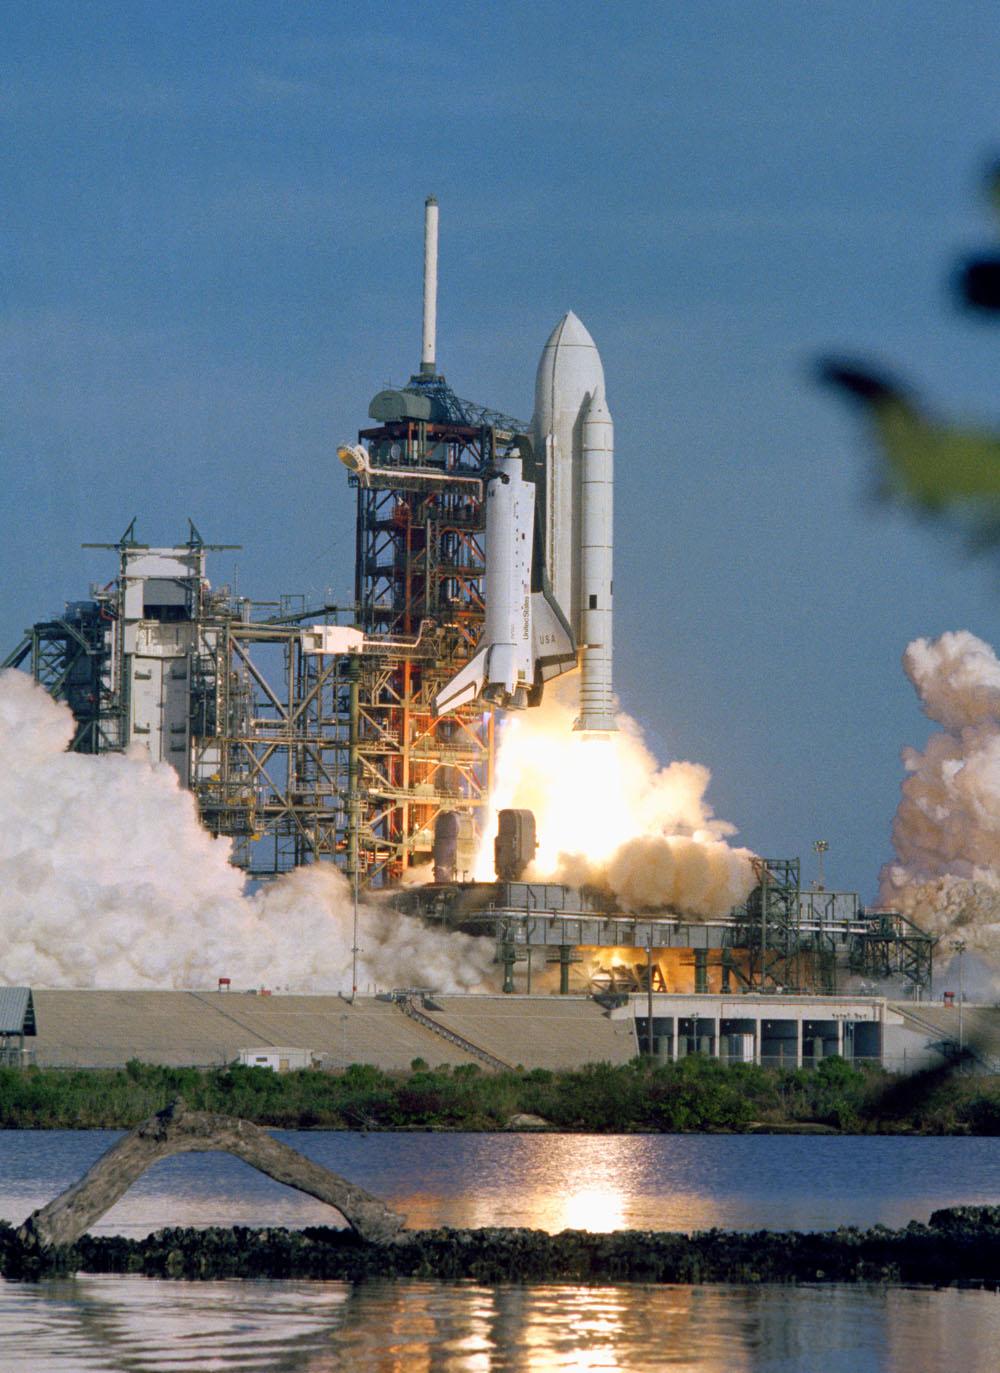 La navette spatiale Columbia entame une nouvelle ère de transport spatial lorsqu'elle décolle du centre spatial Kennedy de la NASA à Cap Canaveral, en Floride, le 12 avril 1981. L'orbiteur réutilisable, ses deux réservoirs de carburant et ses deux propulseurs de fusée solide (SRB) vient de effacé